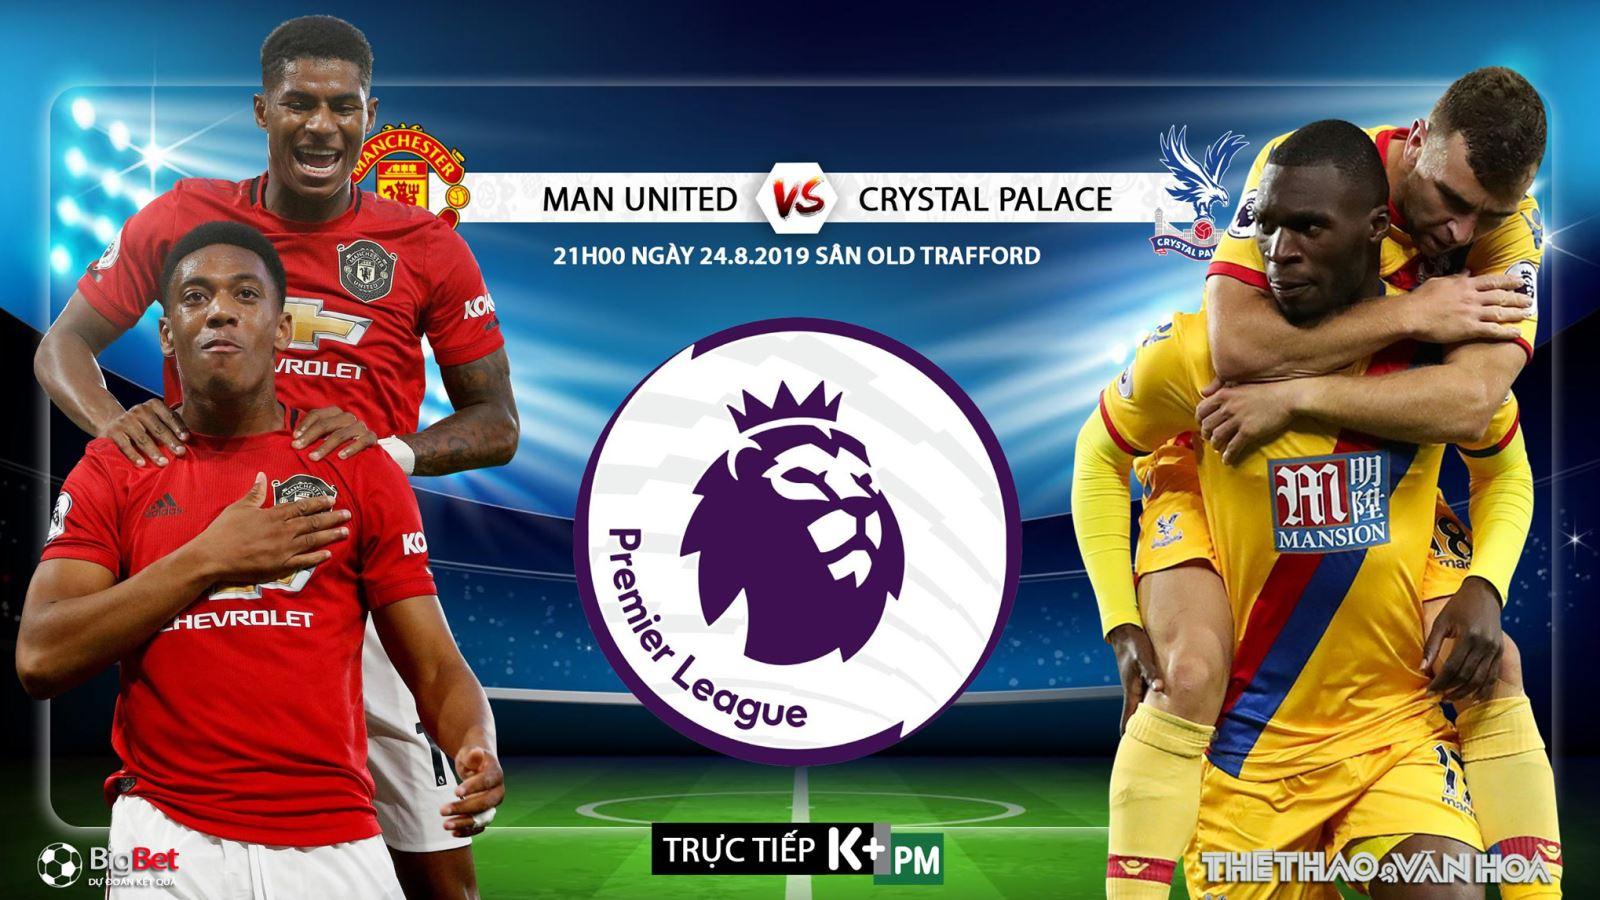 Trực tiếp bóng đá hôm nay: MU vs Crystal Palace, Liverpool vs Arsenal (K+ PM), Ngoại hạng Anh